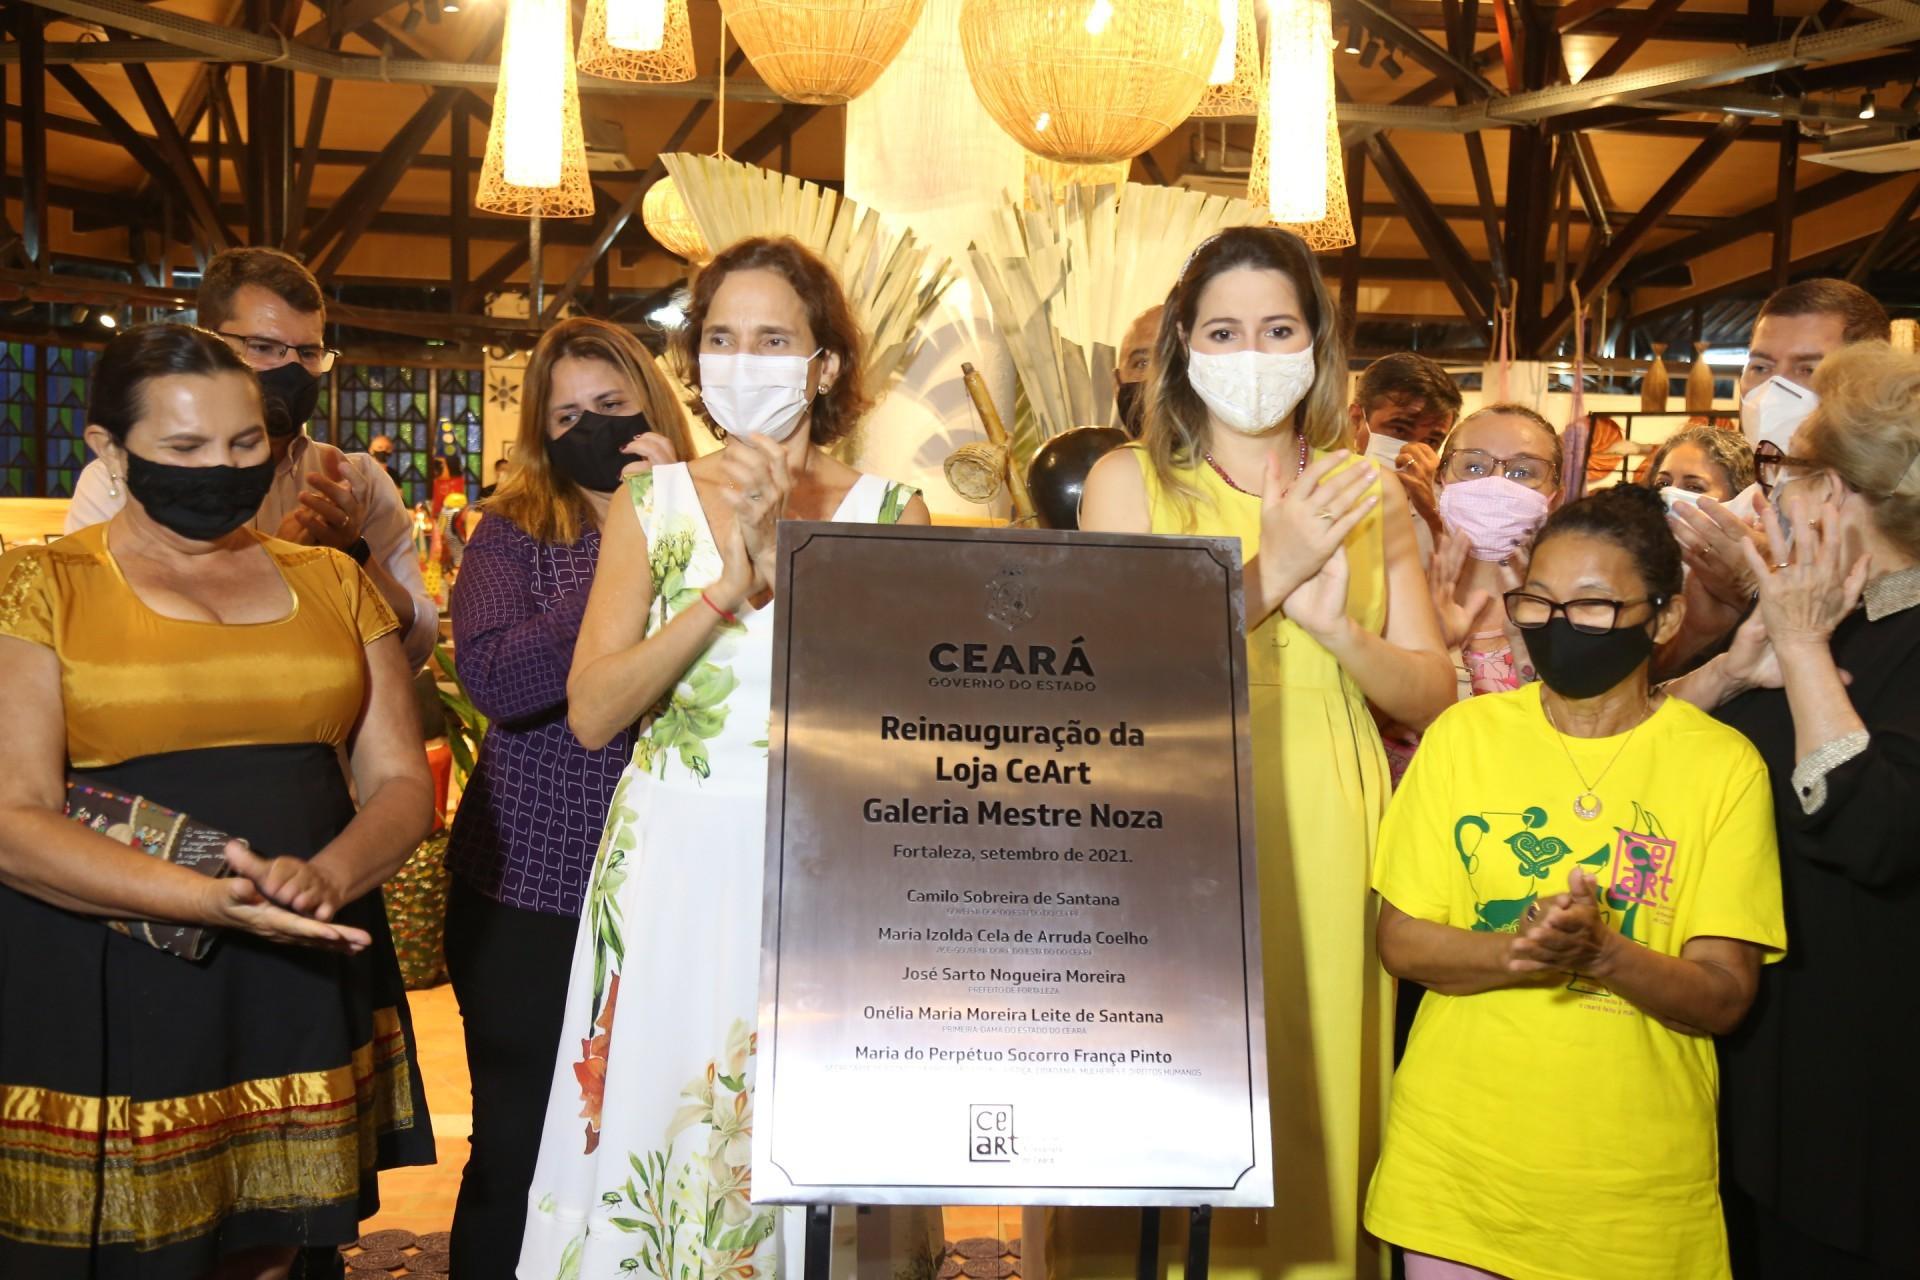 (Foto: JOÃO FILHO TAVARES)Descerramento da placa marcando a reinauguração do equipamento